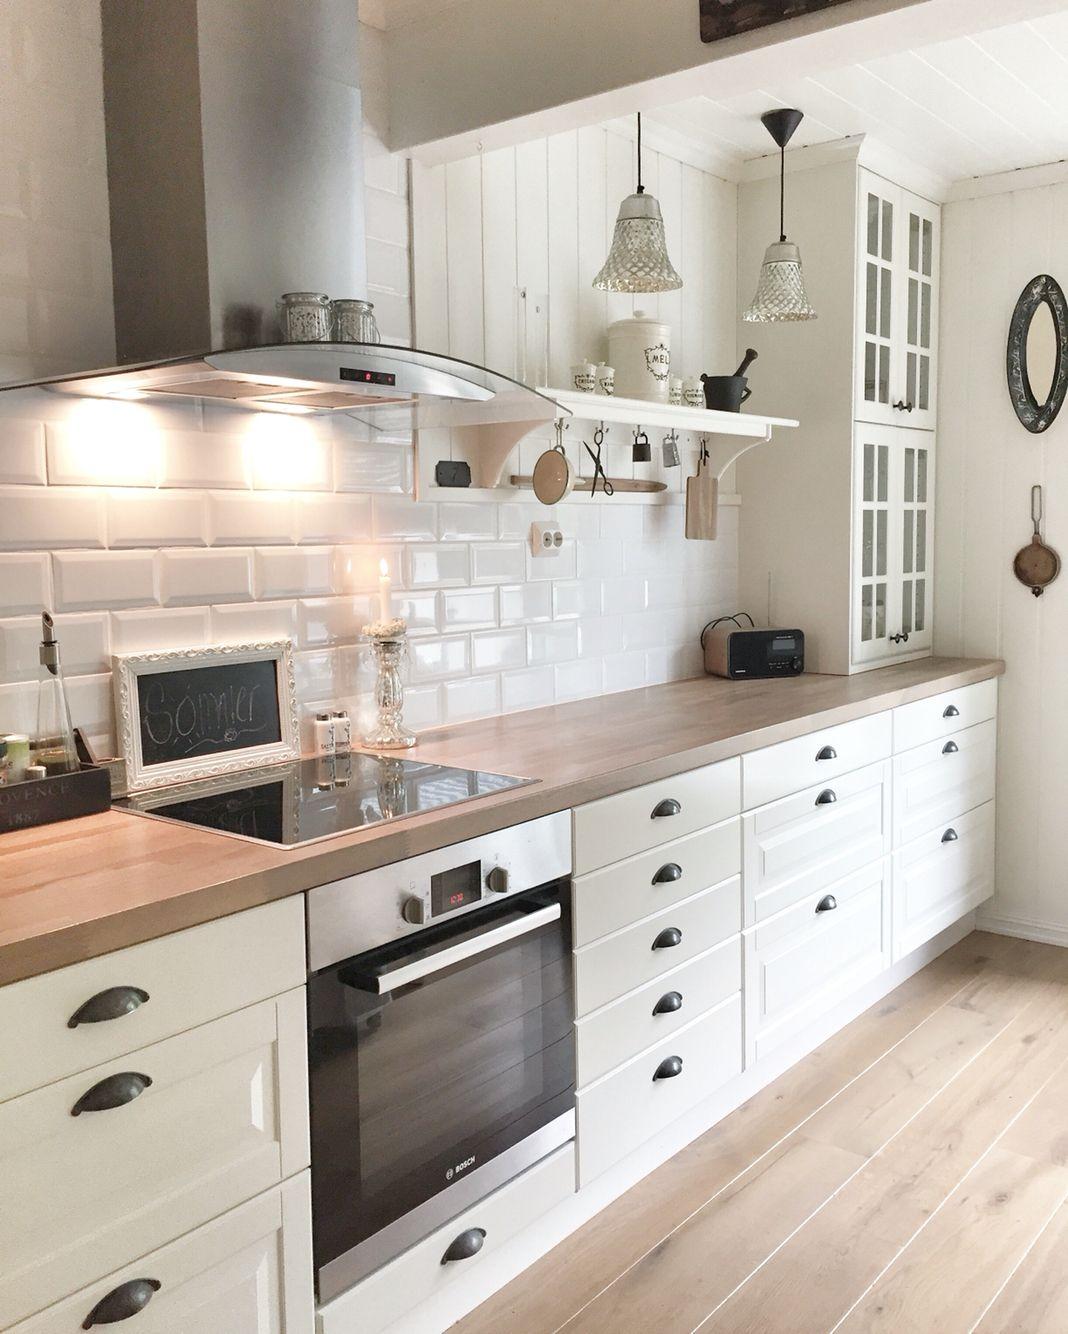 Kitchen from #ikea @behindabluedoor  Wohnung küche, Haus küchen